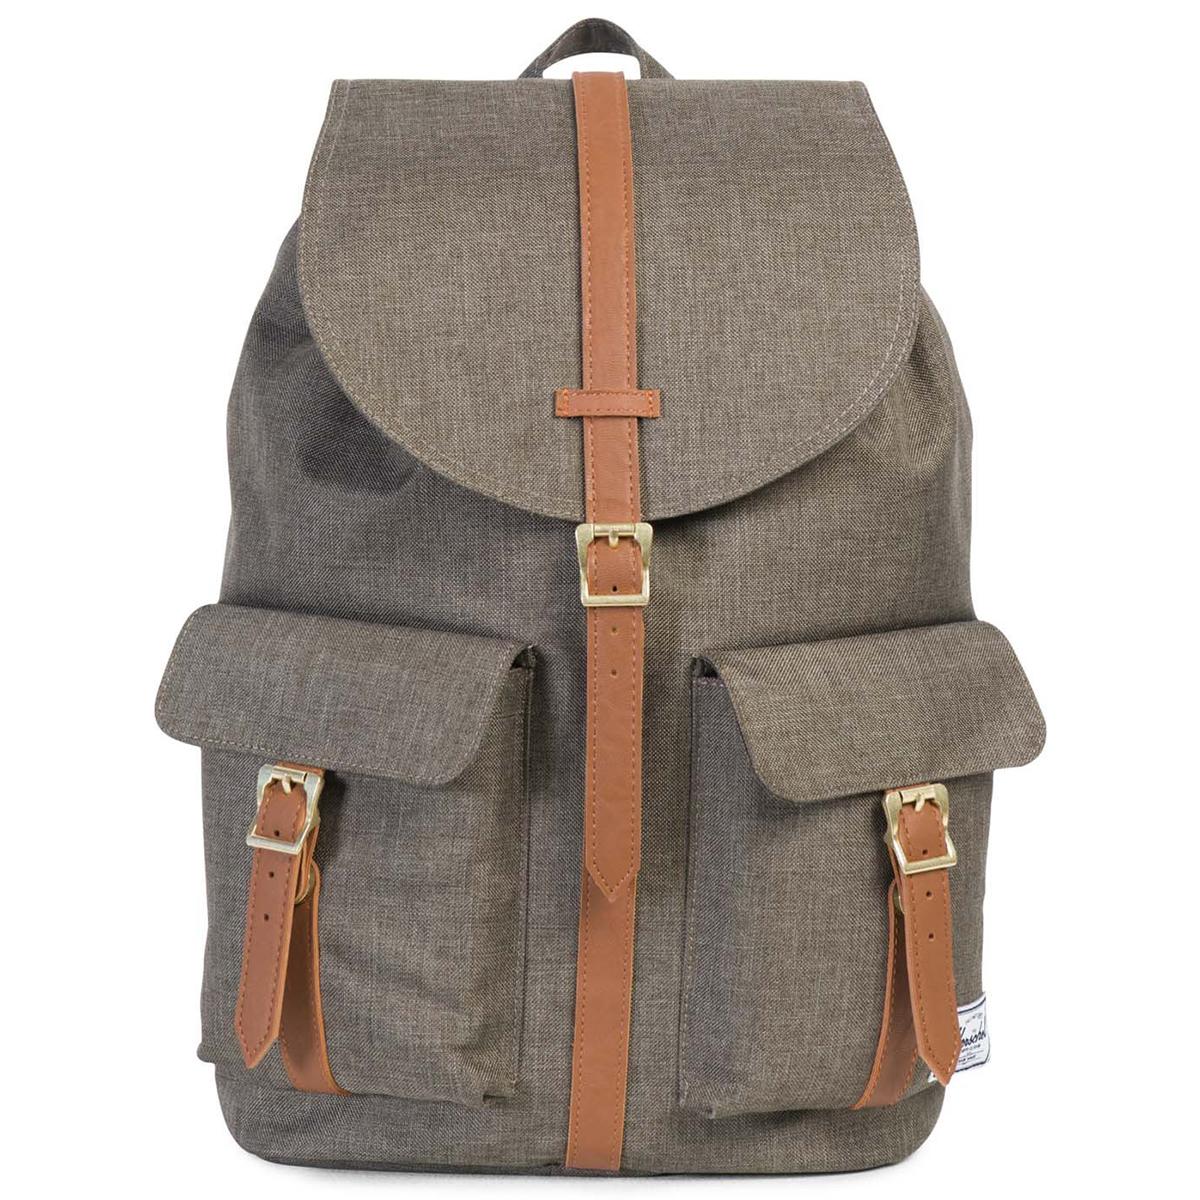 Рюкзак городской Herschel Dawson (A/S), цвет: хаки. 828432122608 купить herschel